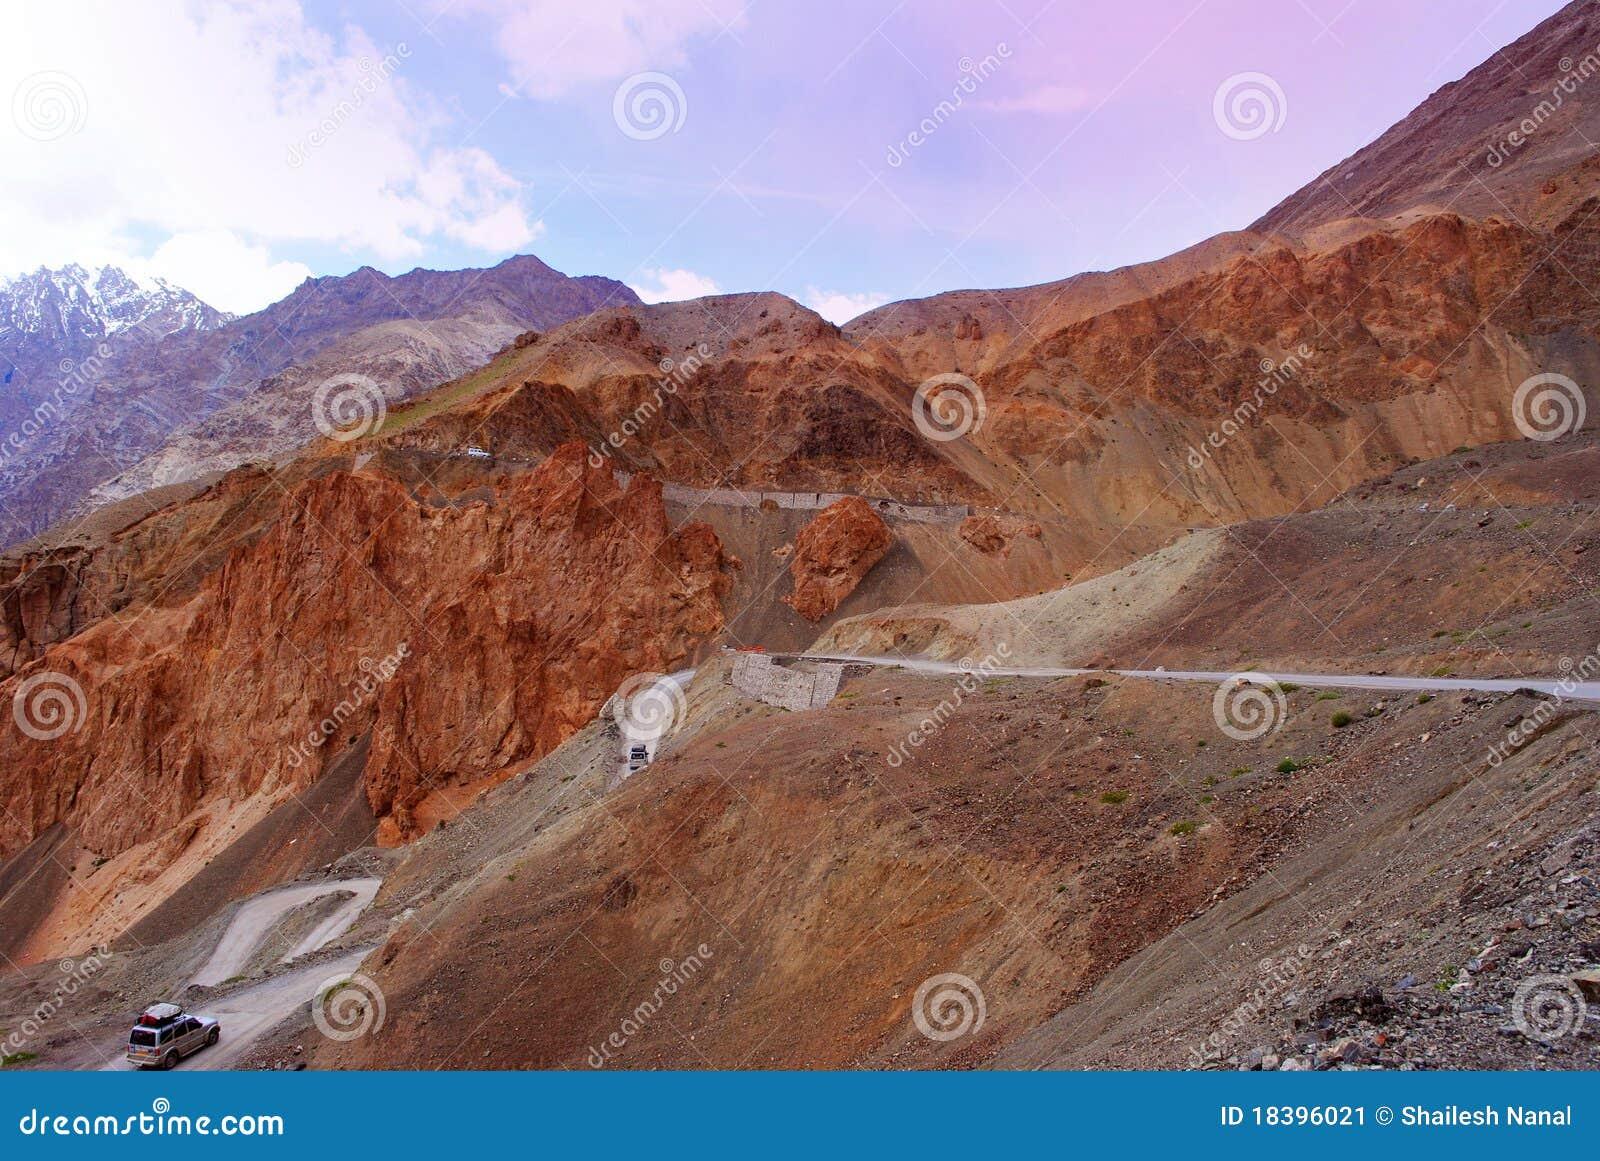 проезжие части гор ladakh